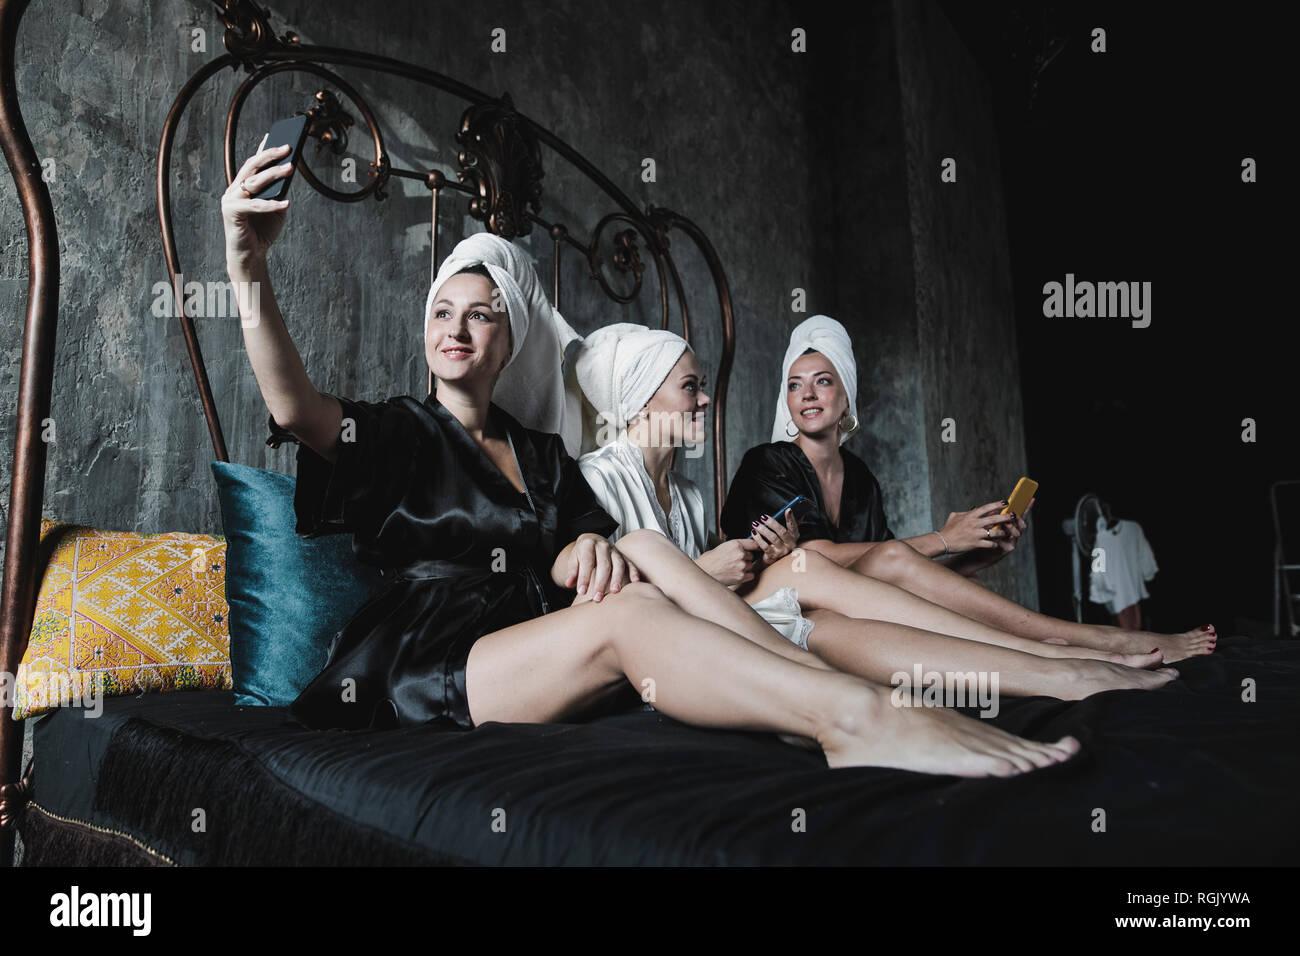 Tre donne con asciugamani intorno ai suoi capi sul letto prendendo un selfie Foto Stock